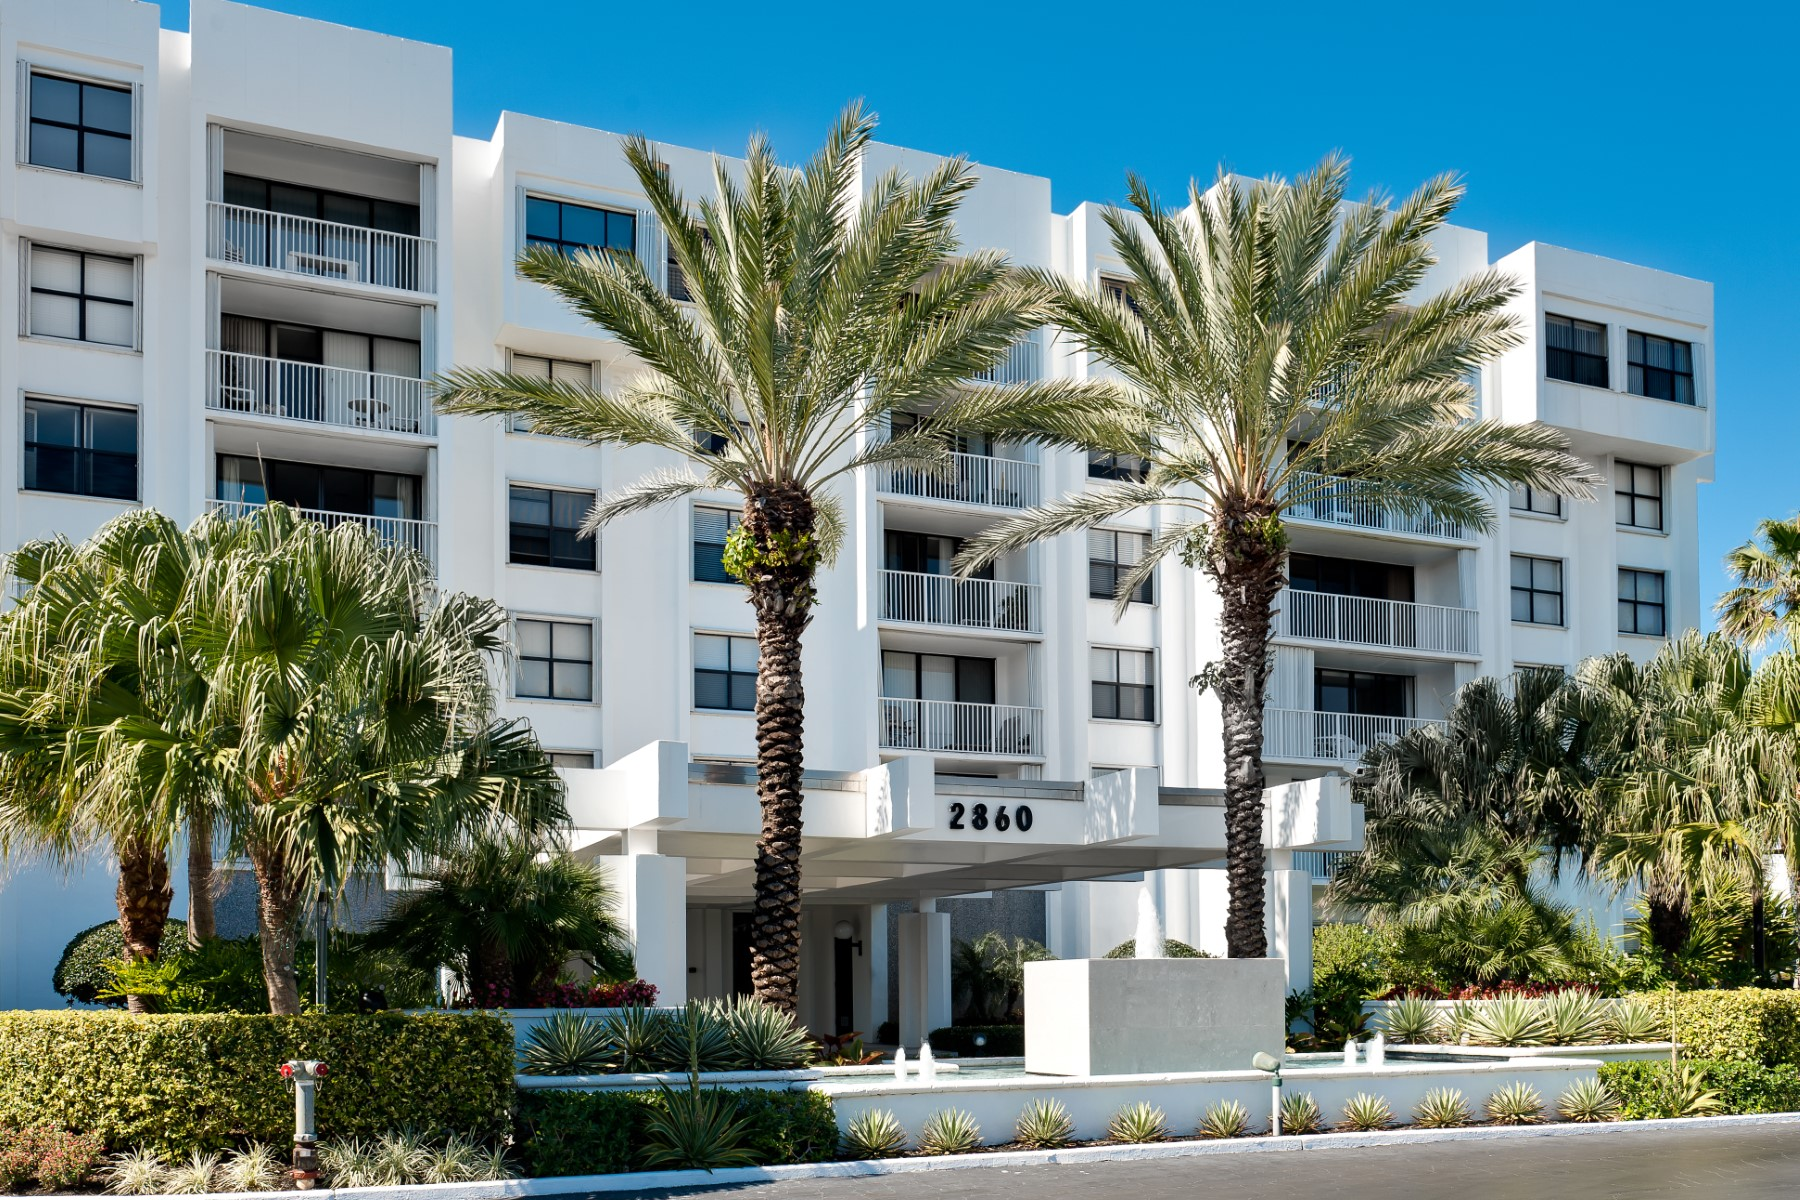 Eigentumswohnung für Verkauf beim Palm Beach Pied a Terre at La Palma 2860 S Ocean Blvd Apt 516 Palm Beach, Florida 33480 Vereinigte Staaten